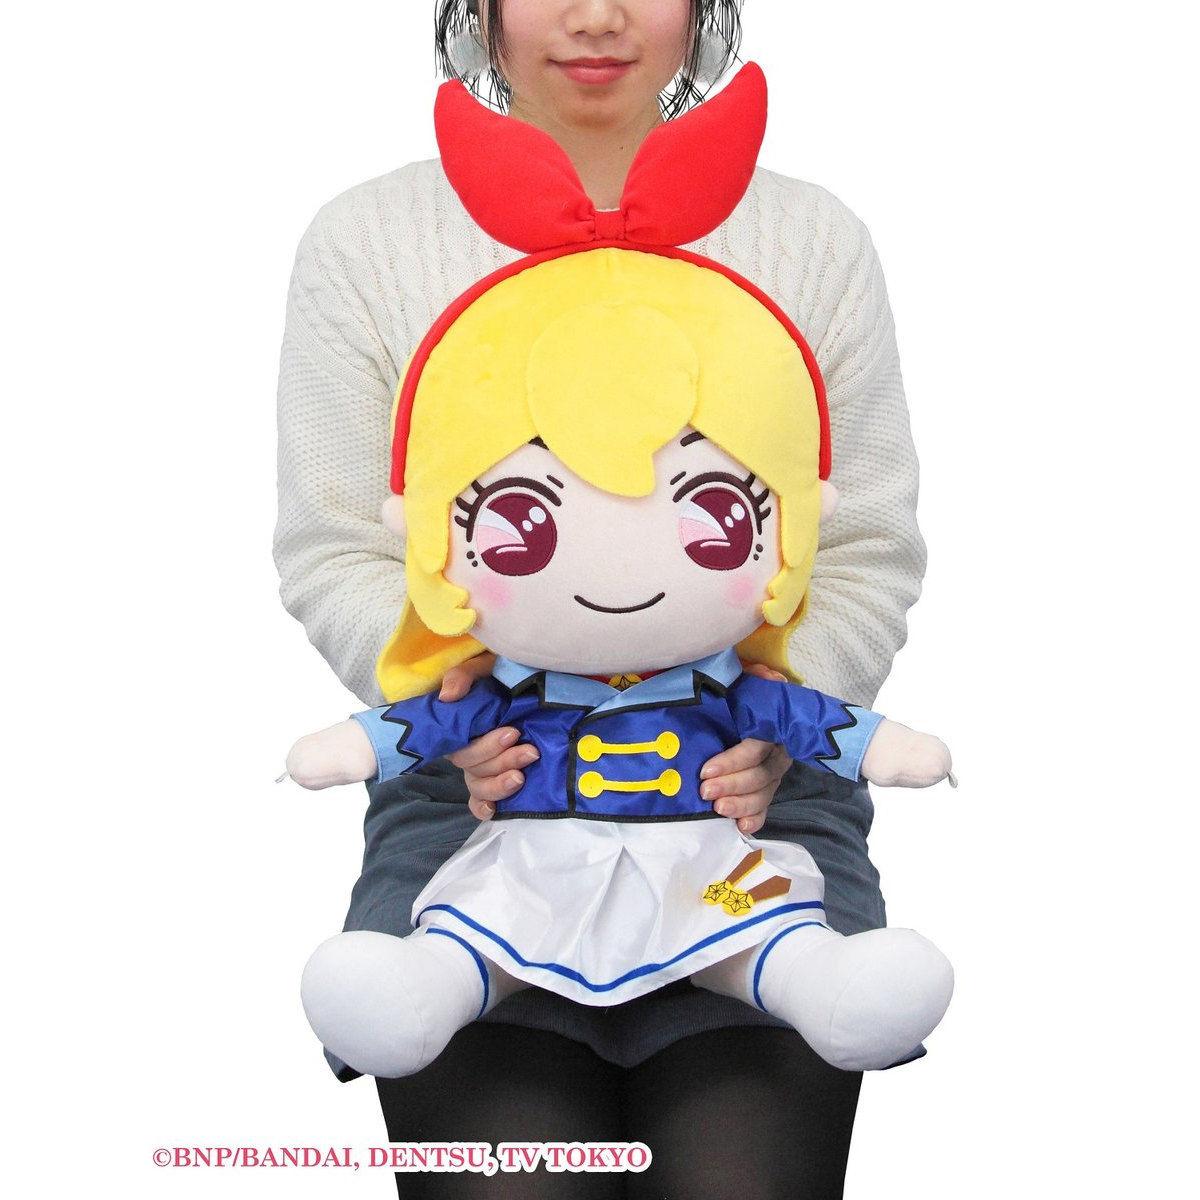 アイカツ!『PCクッション アイカツ!いちごちゃん』クッション-006